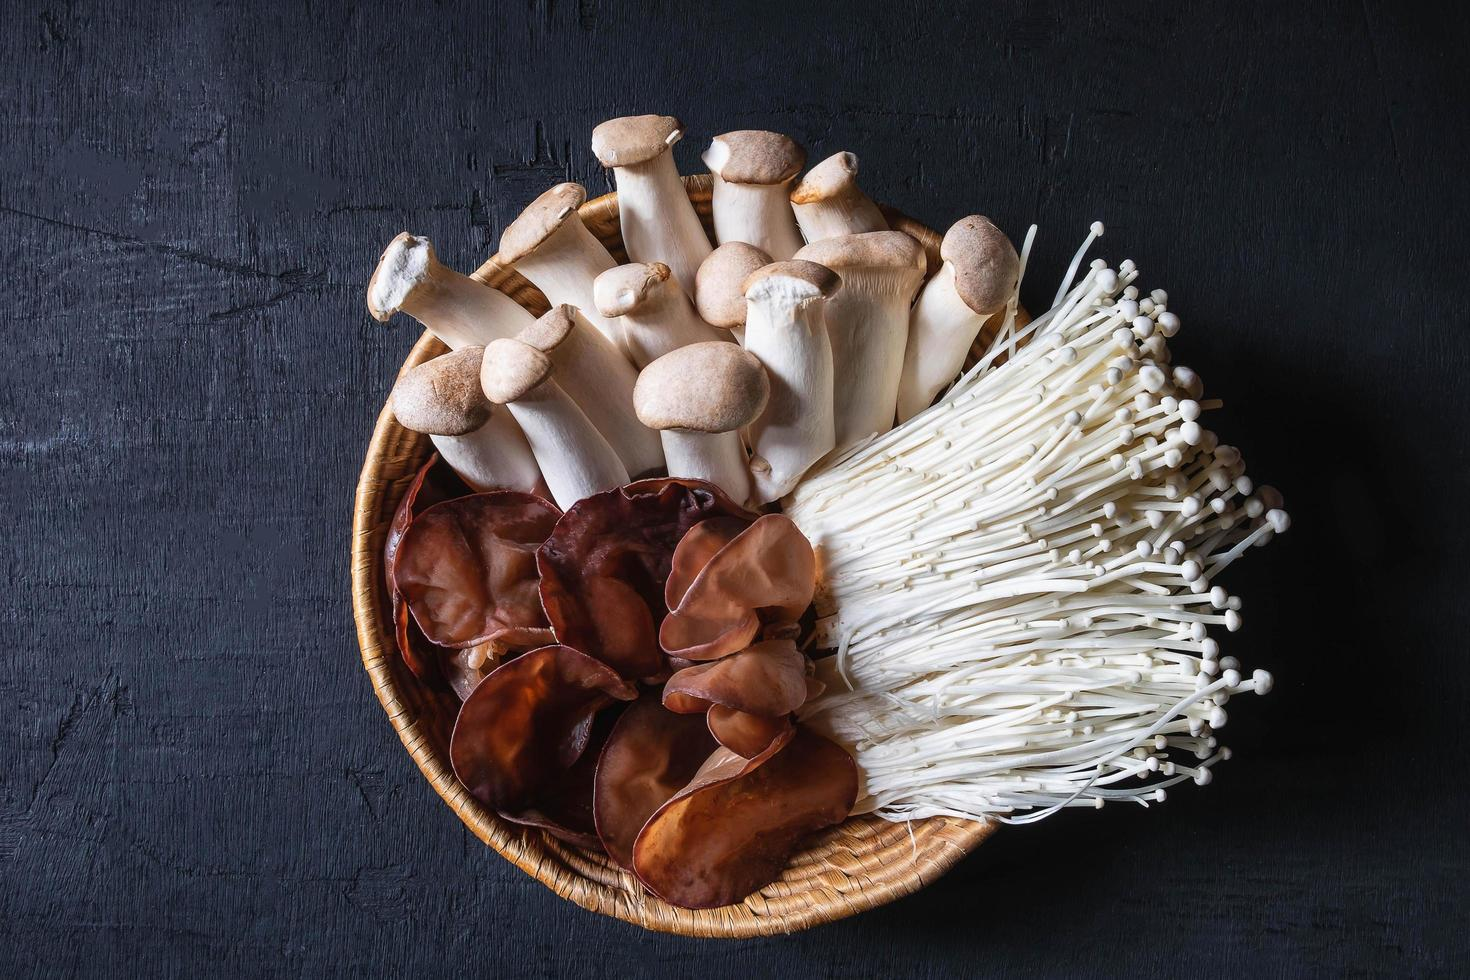 champignons frais dans un panier photo